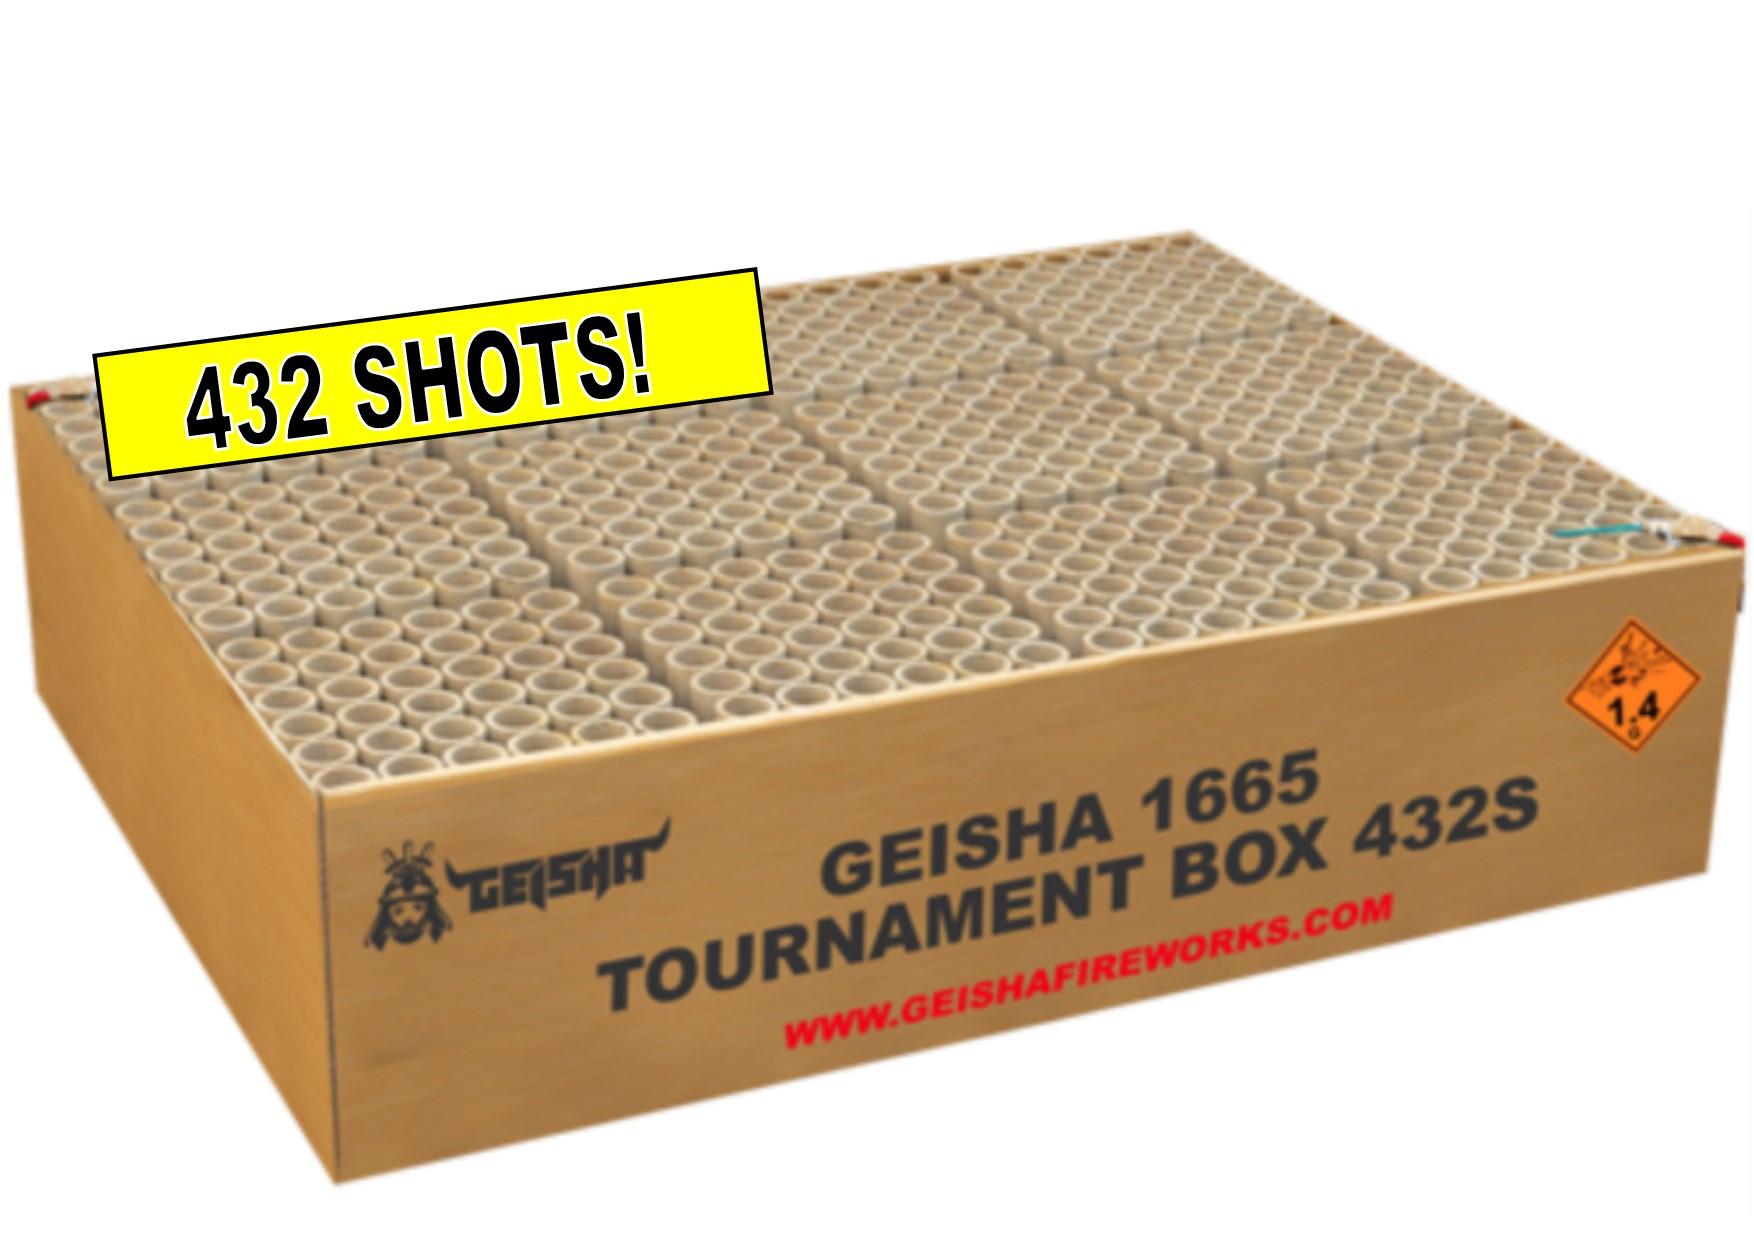 ART. 1665 TOURNAMENT BOX, 432 SHOTS